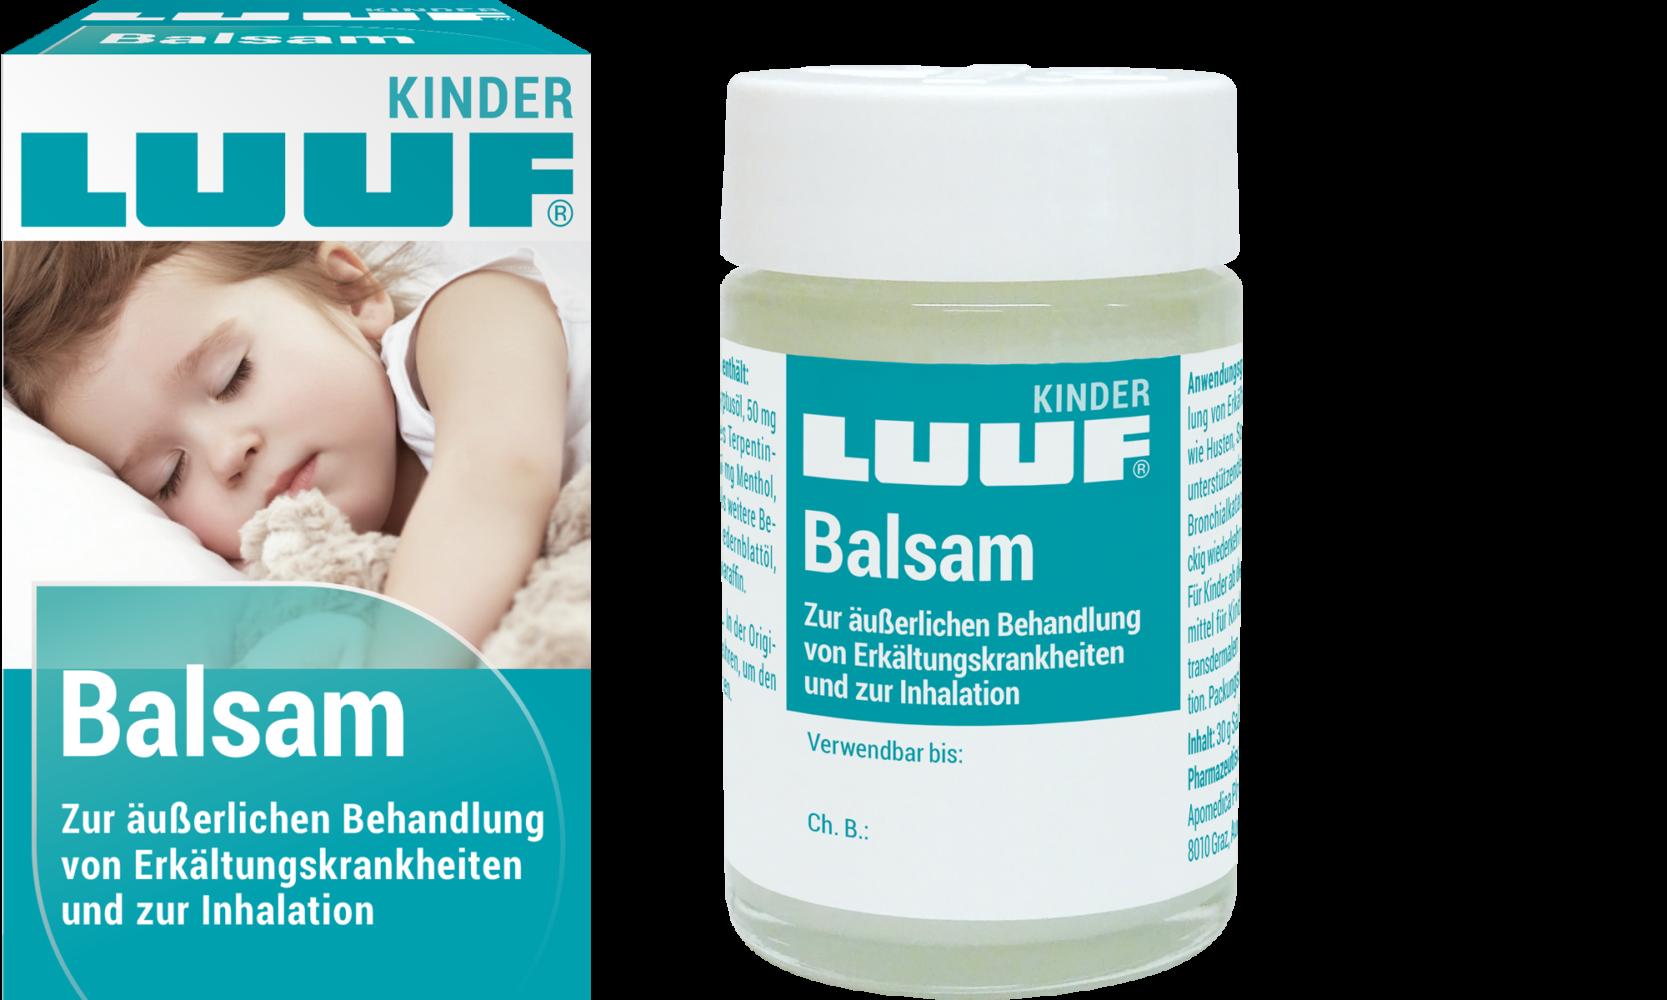 KINDER LUUF® Balsam